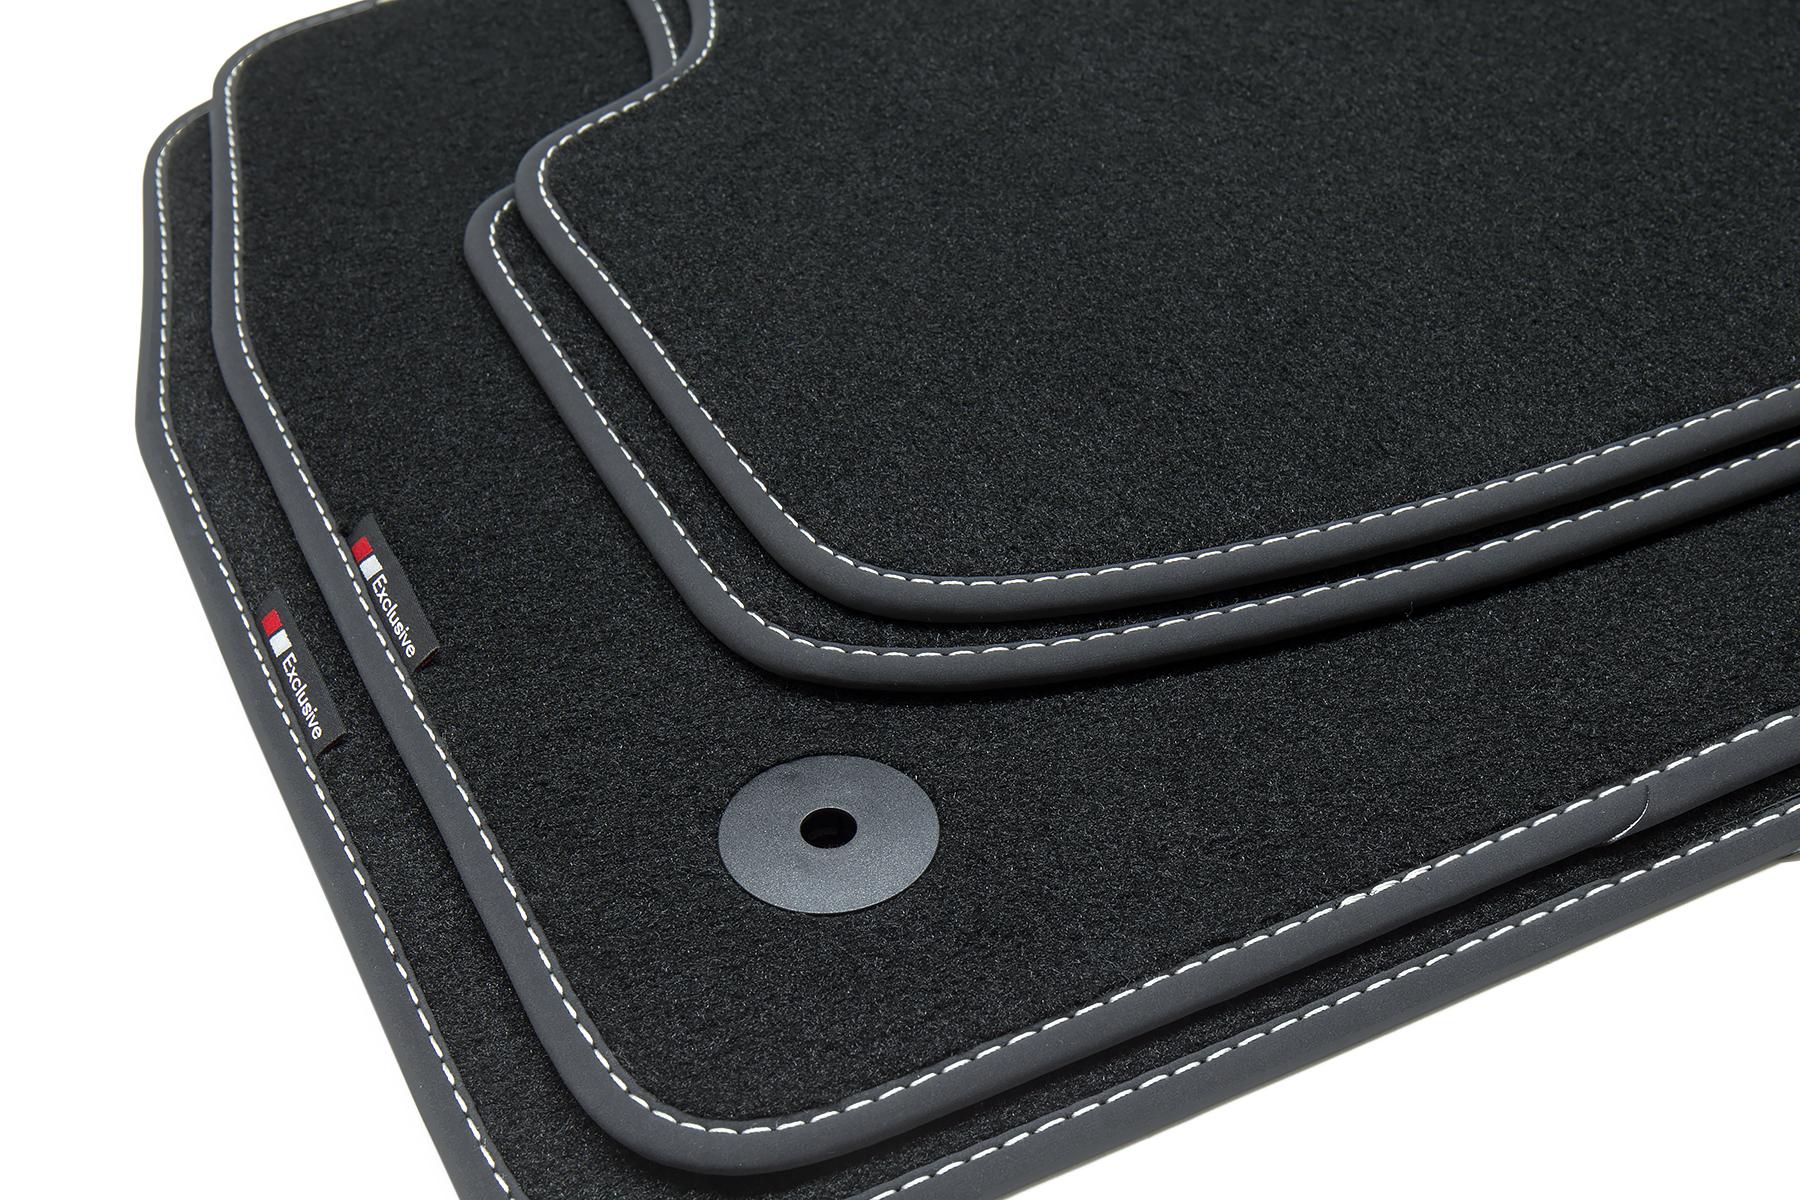 Auto-Fußmatten Supreme schwarz für Peugeot 508 2011-2018 Autoteppiche